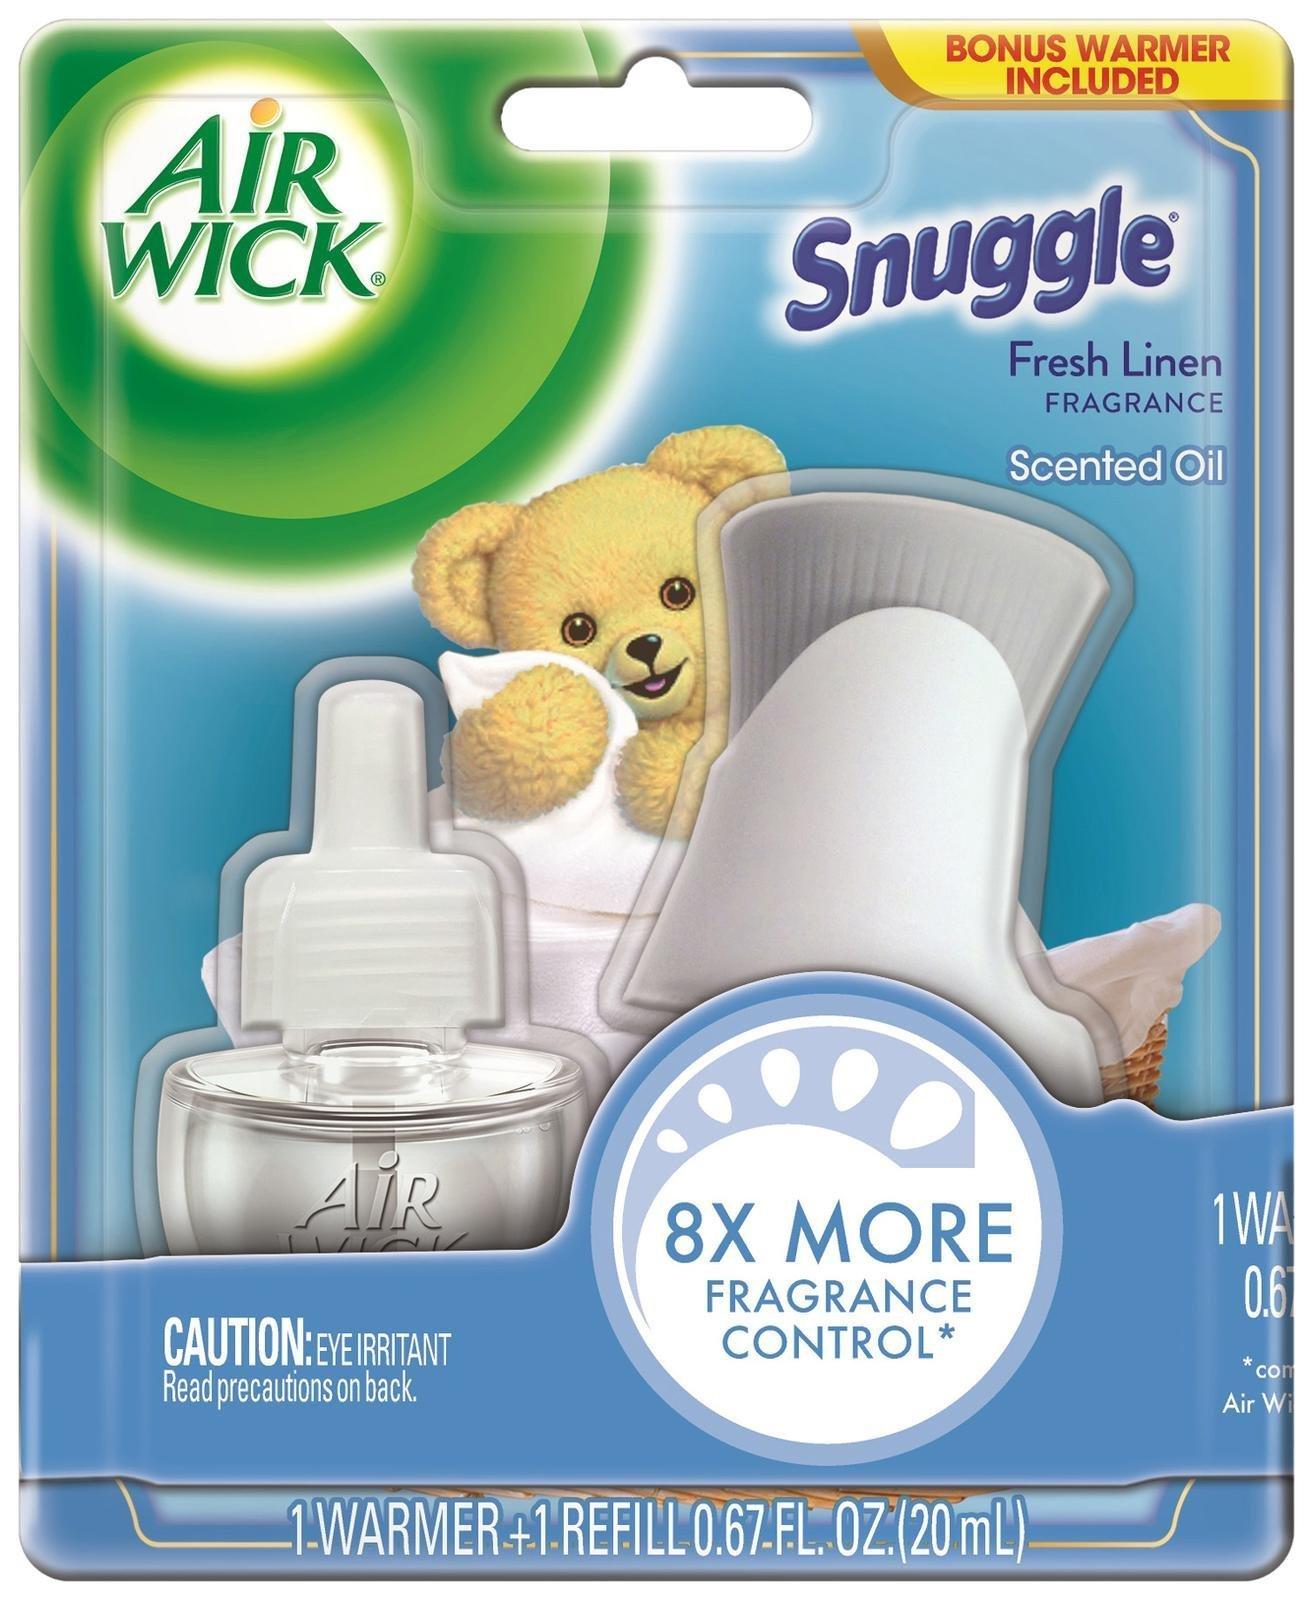 Air wick snuggle jaquar tubelight